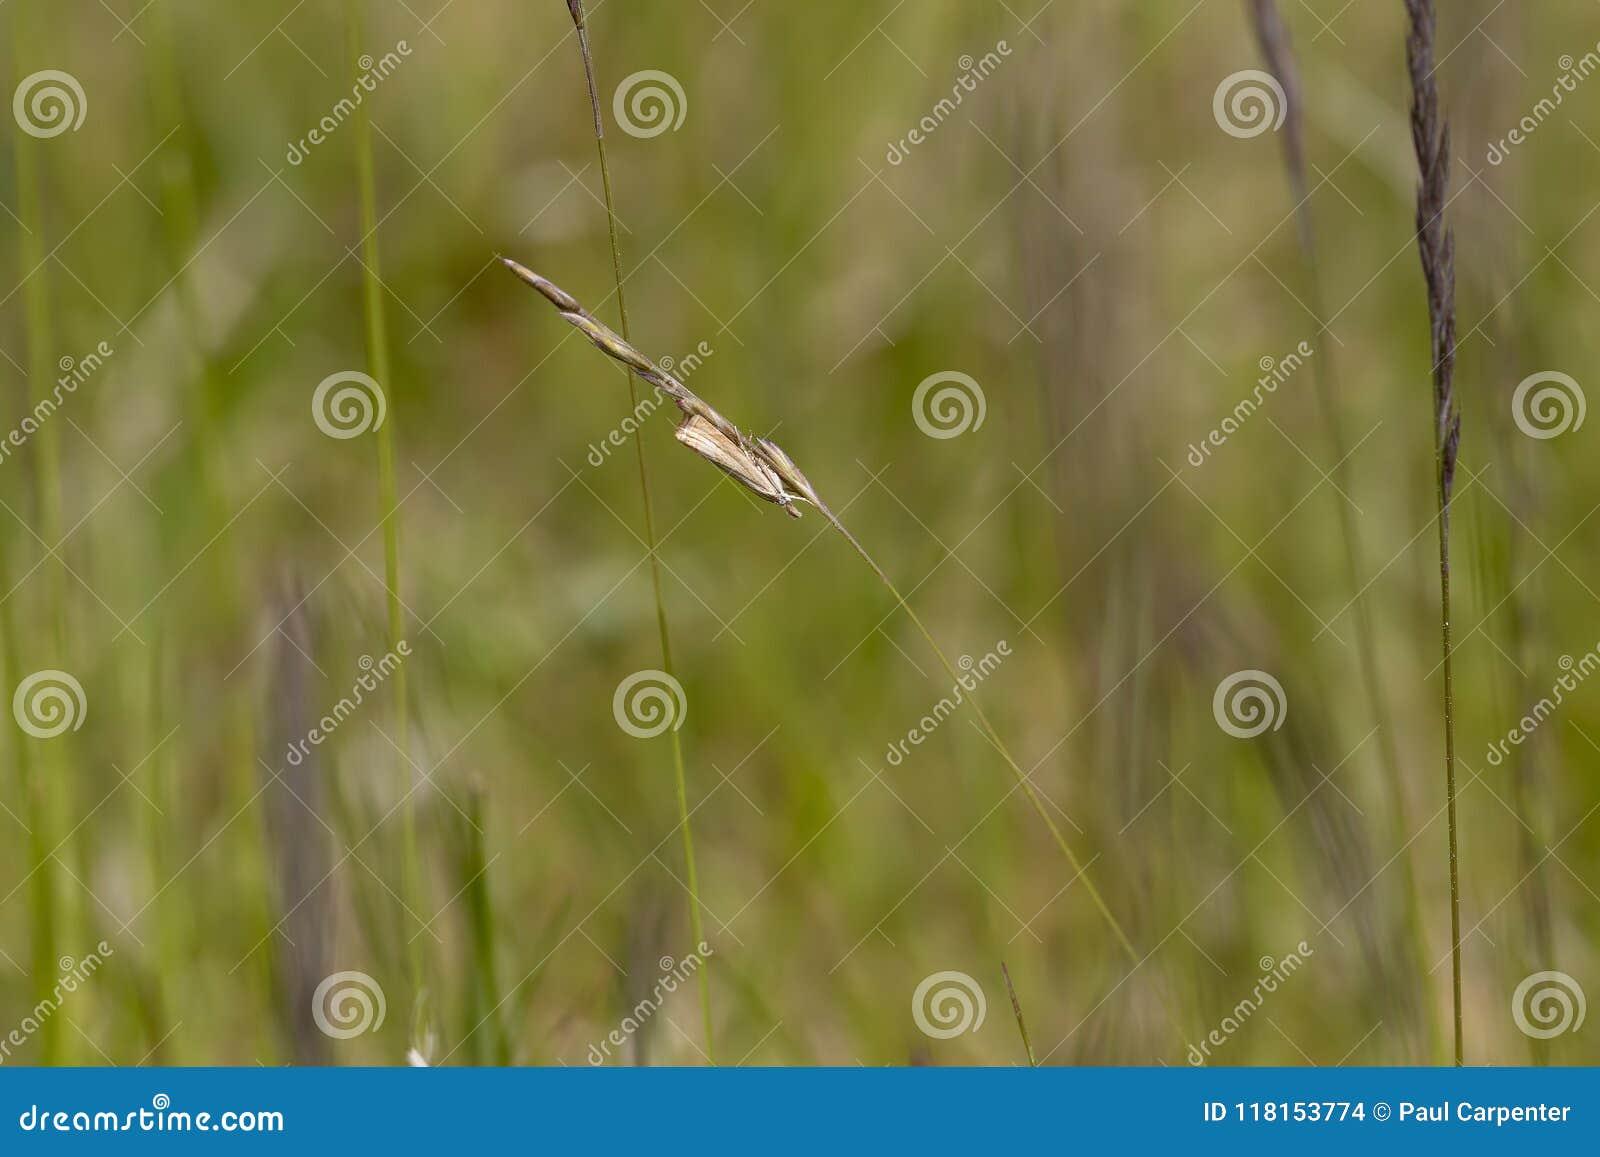 Ogrodowy trawa forniru ćma, Chrysoteuchia culmella, odpoczywa na ostrzu trawa, scotla gdy ono kiwa w lekkim wiatrze na słonecznym